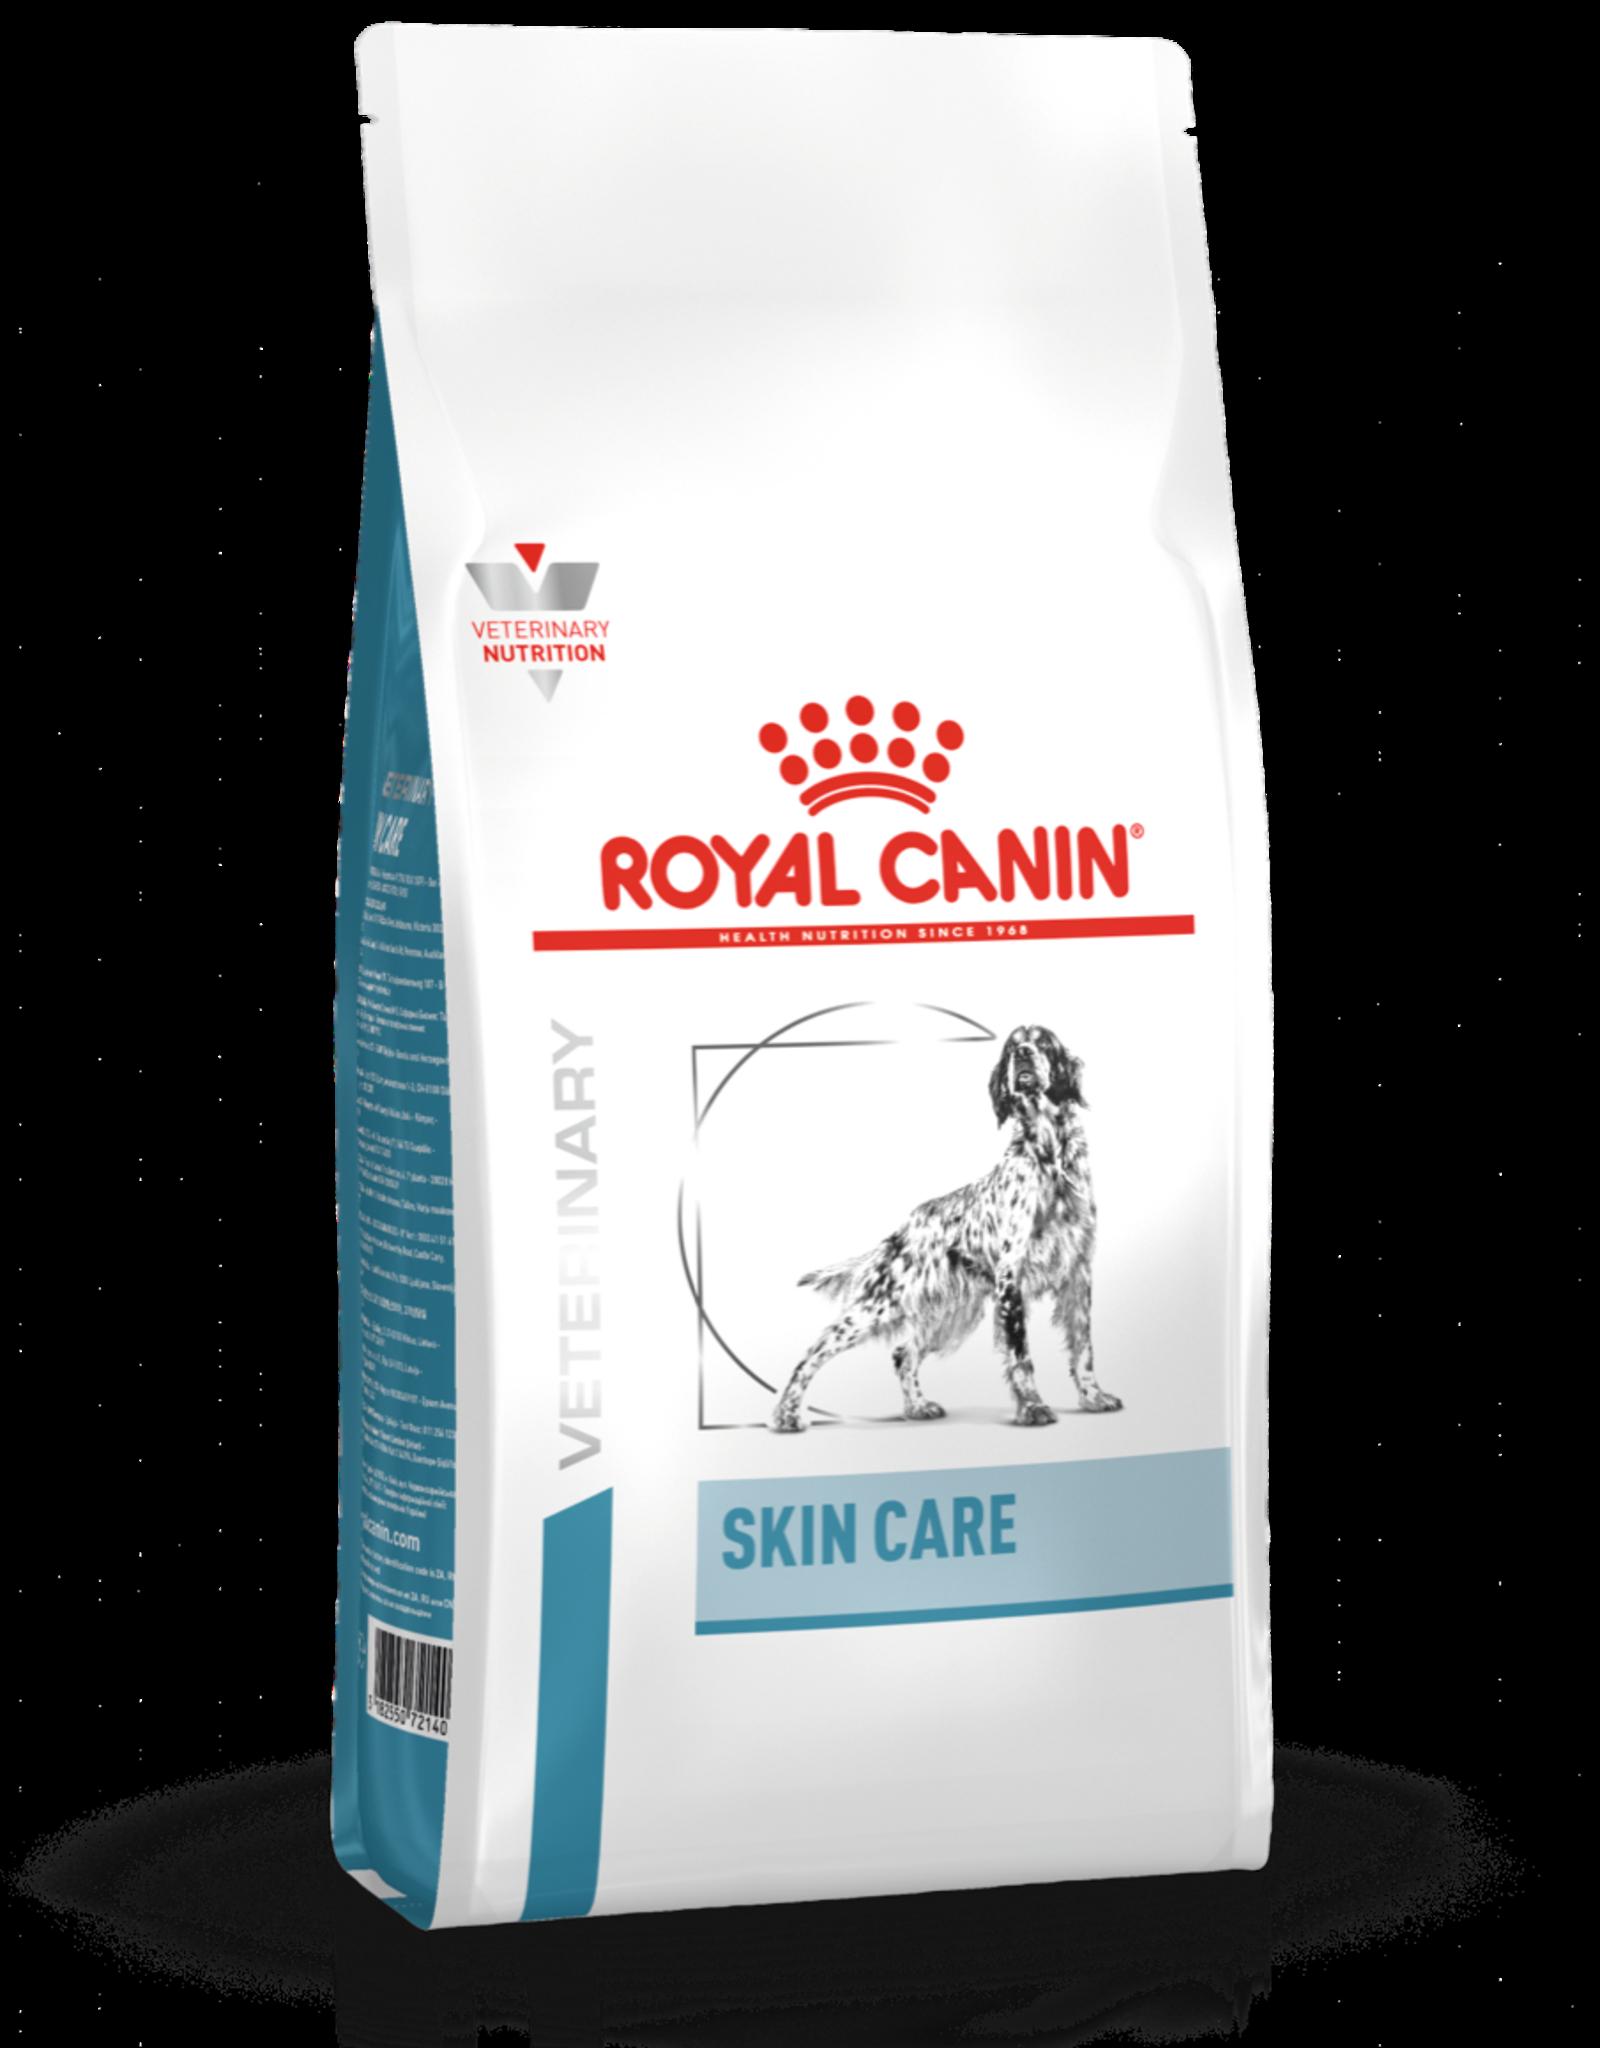 Royal Canin Royal Canin Skin Care Dog 2kg